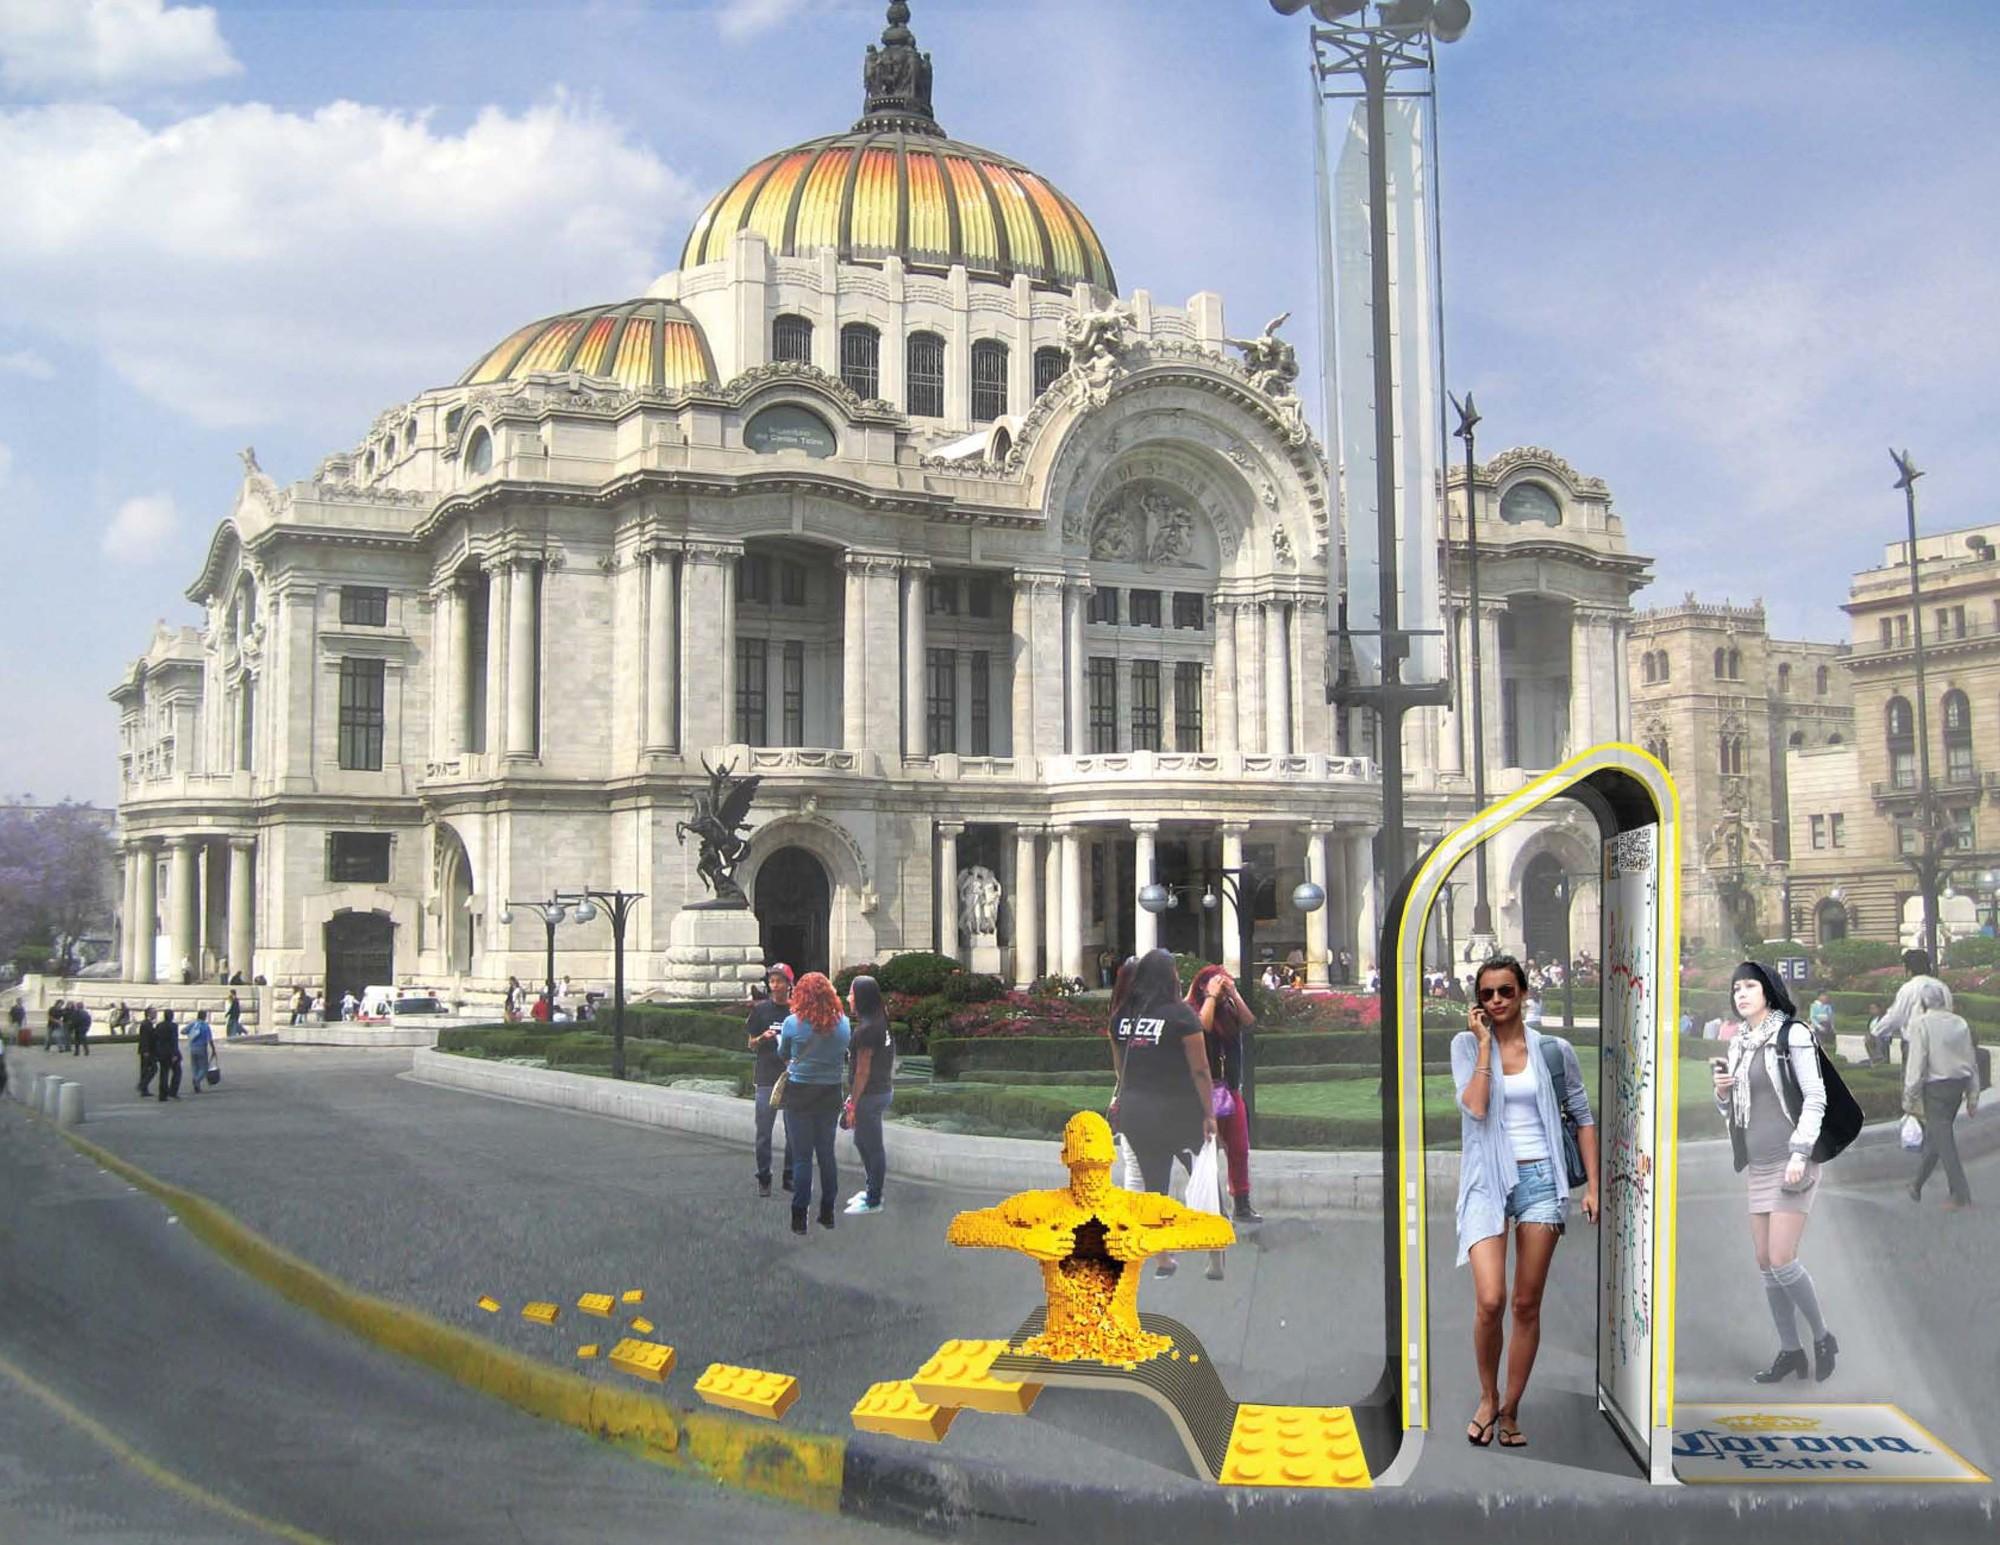 Proyecto NYC Loop presentado en la Ciudad de México, Cortesía de FXFOWLE